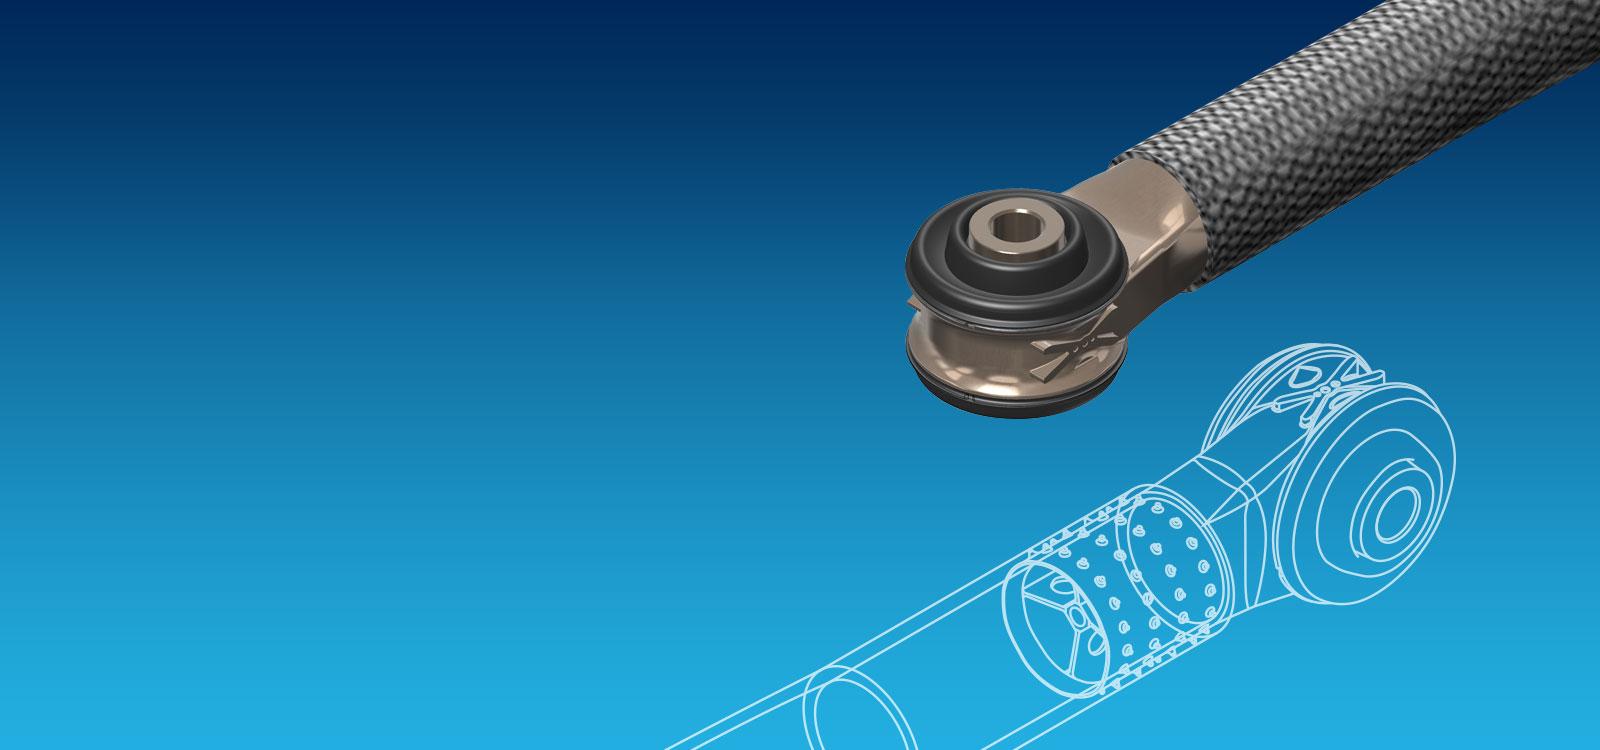 Ultraleichte Tie-Rods mit Alu-Titan Gelenklager